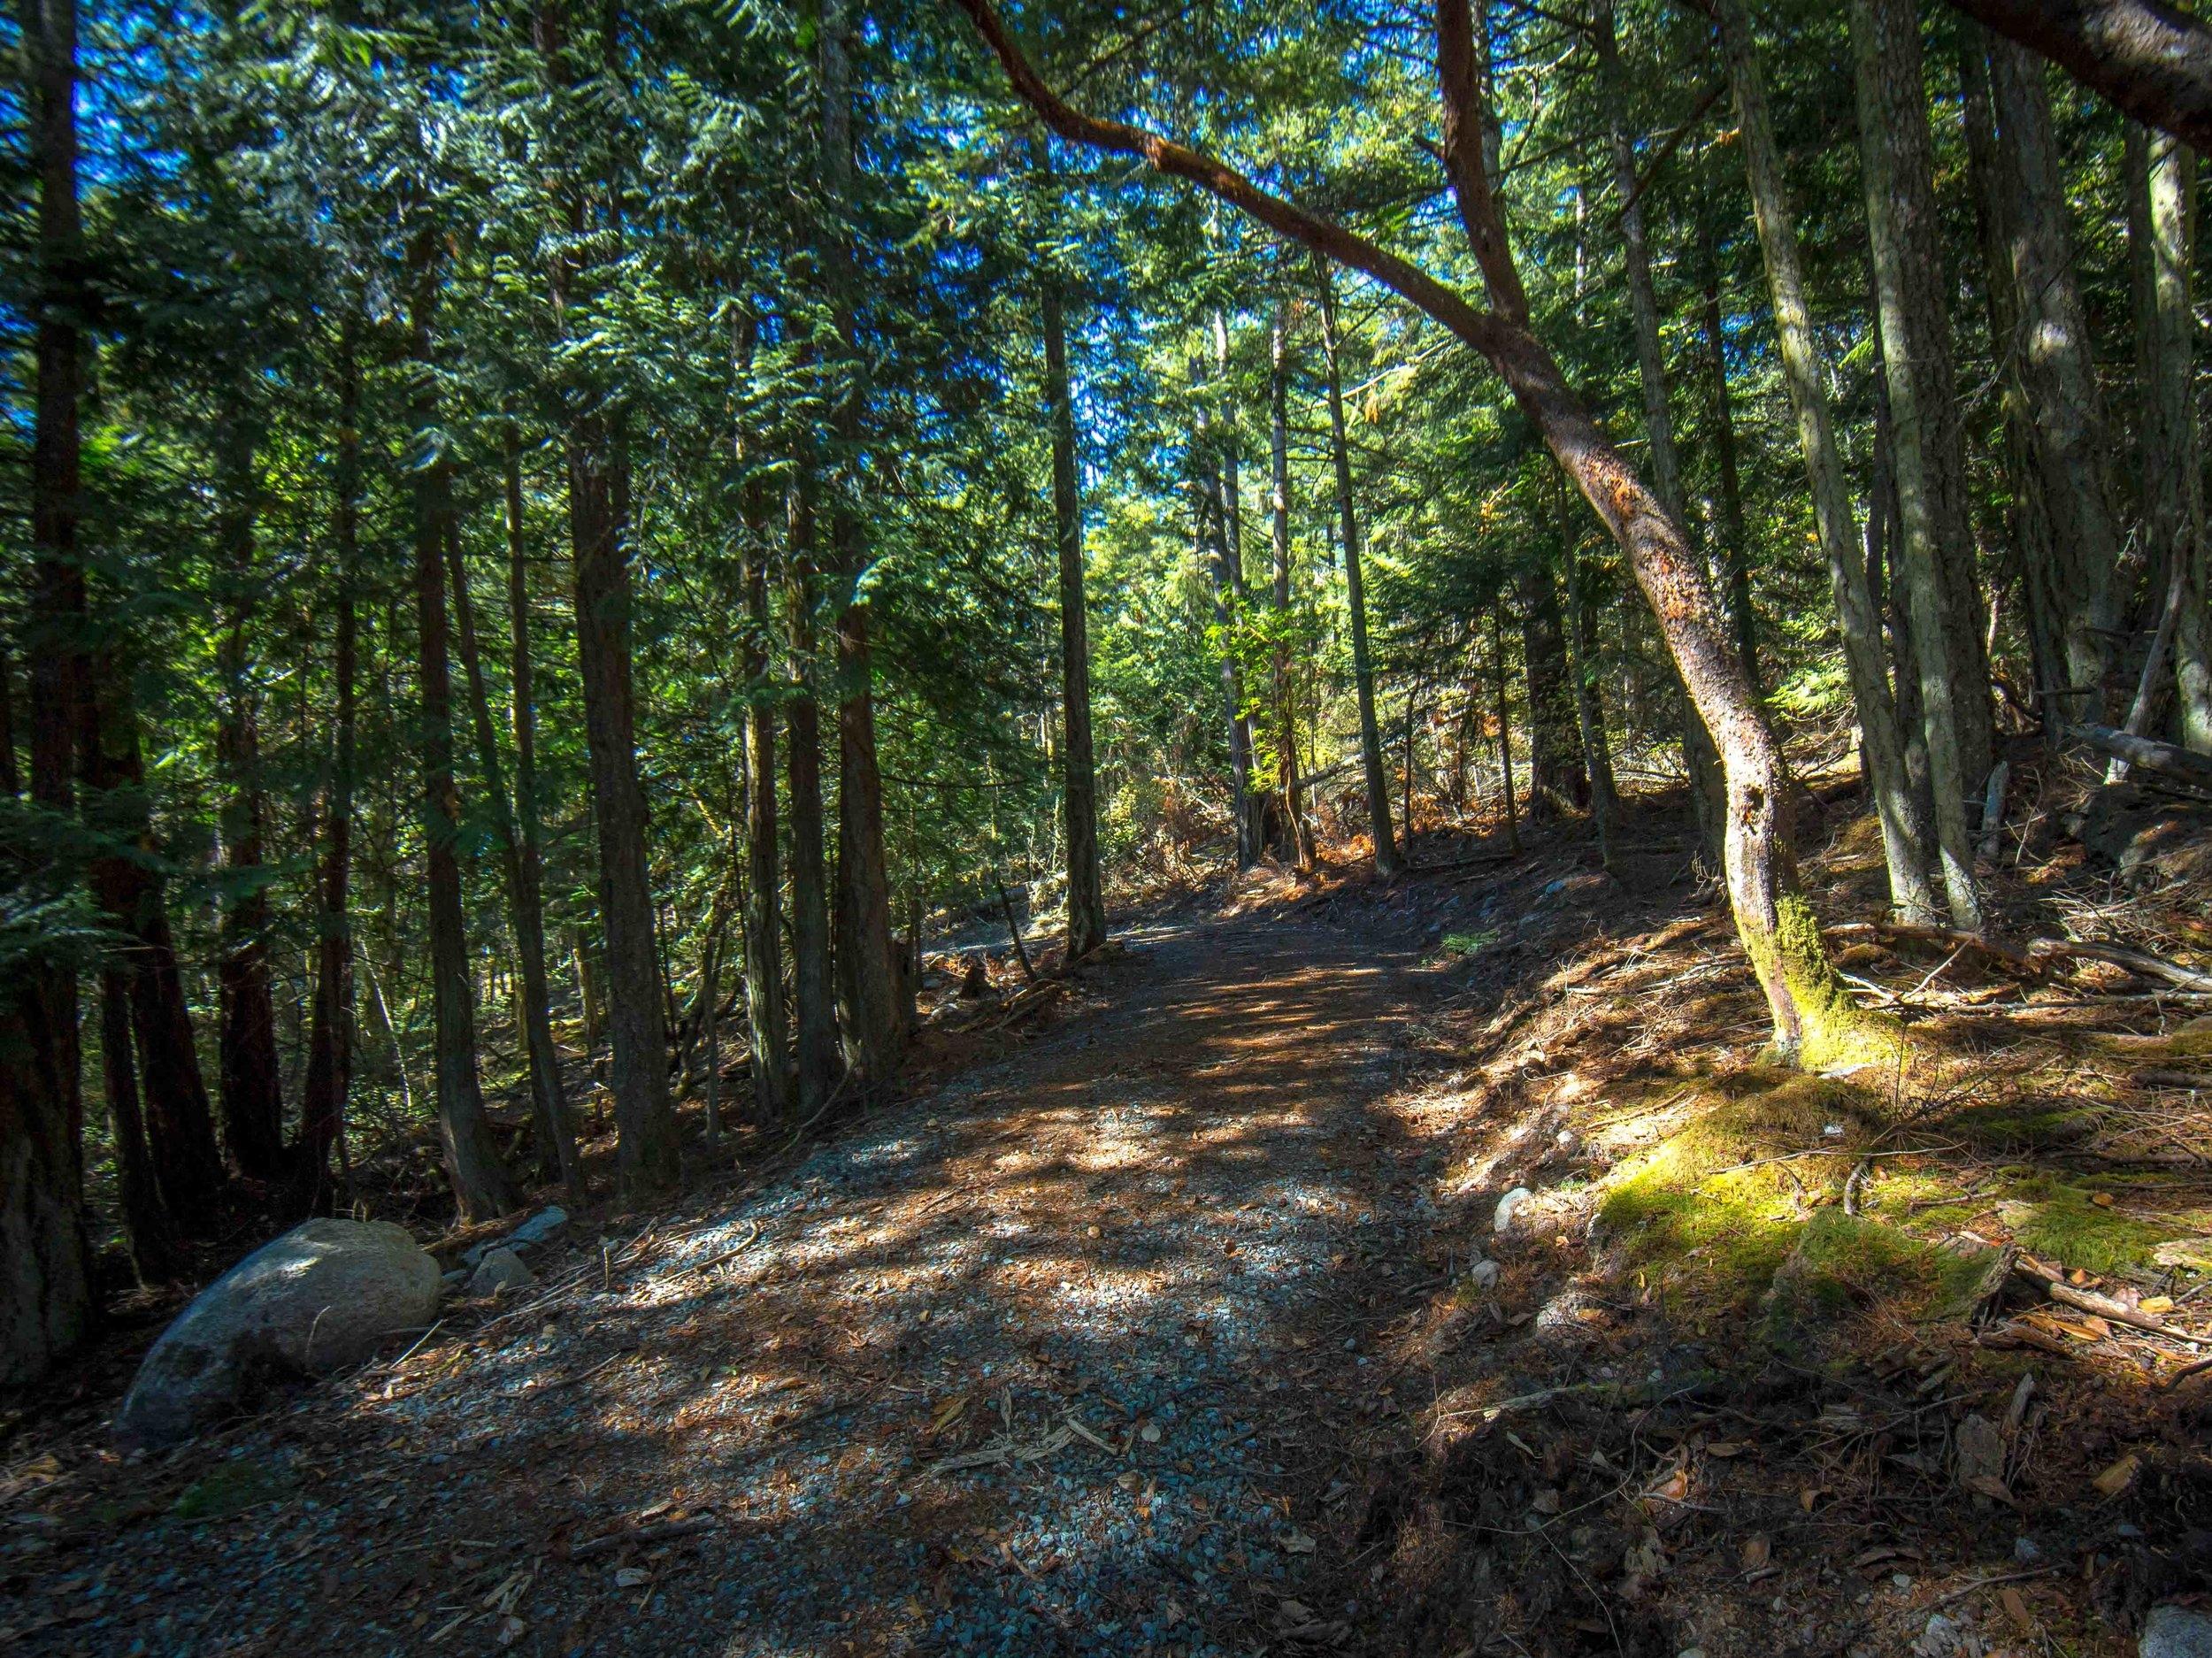 Beautiful woods as you approach...